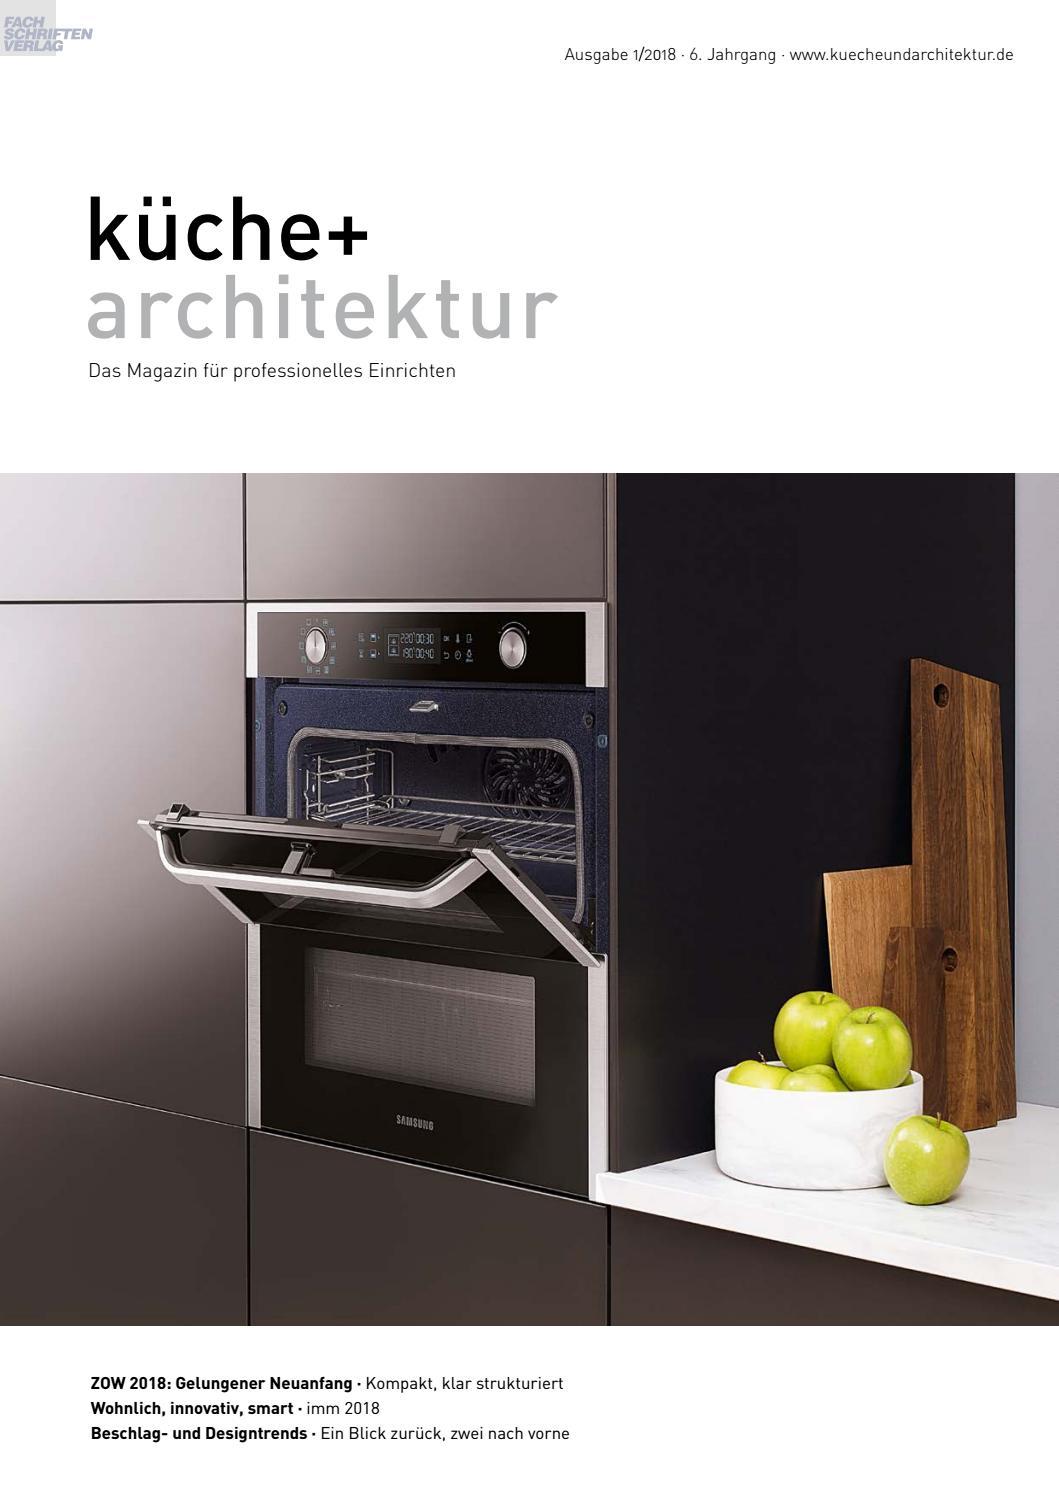 küche + architektur 1/2018 by Fachschriften Verlag - issuu